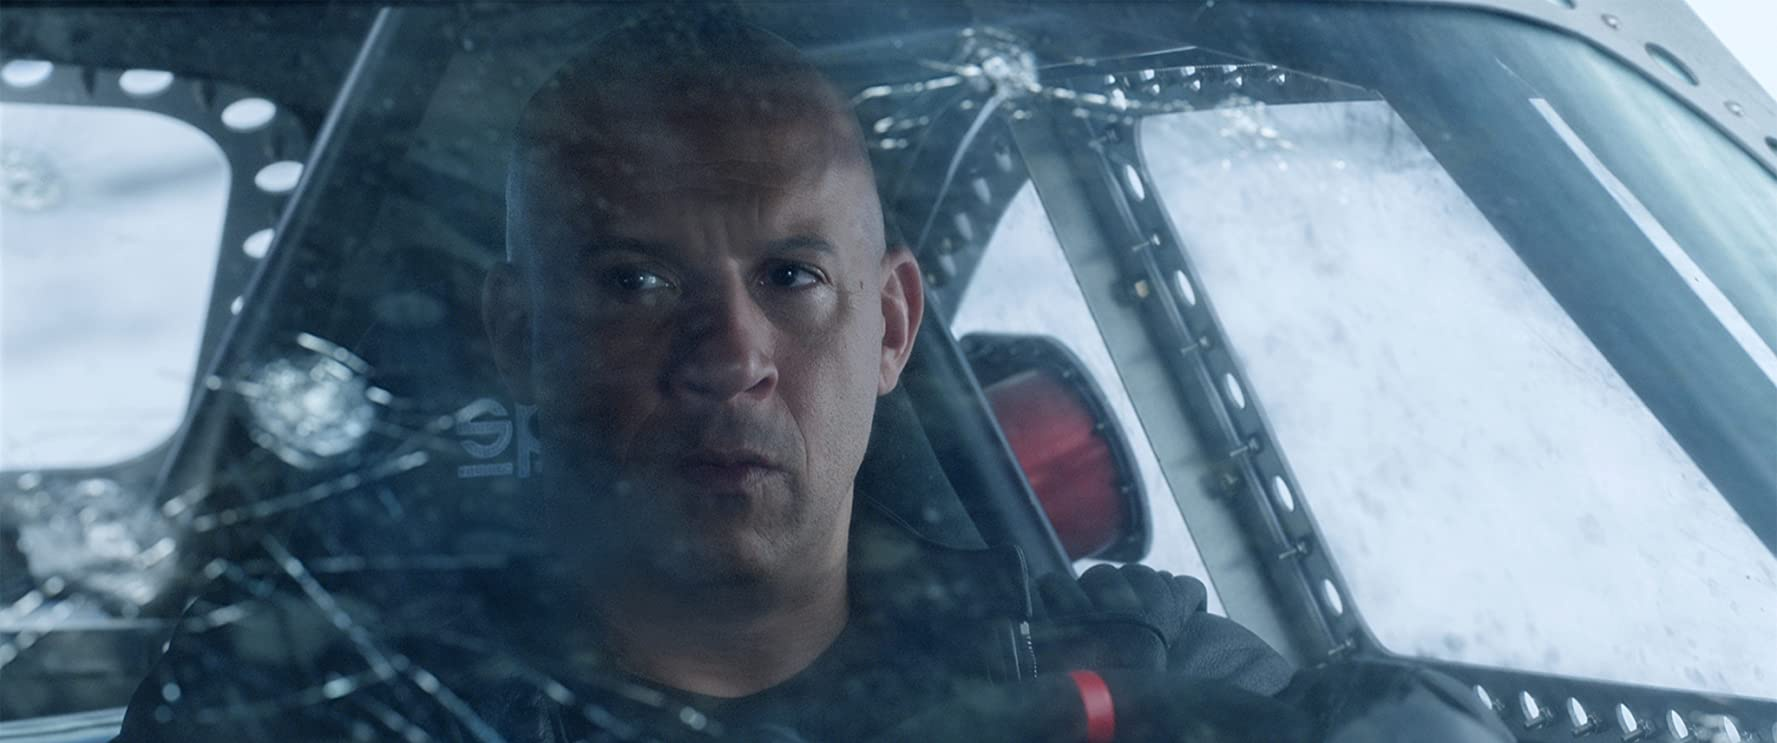 Sống sót khỏi vụ nổ tàu ngầm trong The Fate of the Furious (2017): Trận chiến cuối phim diễn ra ở giữa vùng biển băng mênh mông. Một quả tên lửa theo dấu được bắn ra từ tàu ngầm và nhắm vào mục tiêu là Dom. Anh đã tách nhóm, đảm bảo các cộng sự của mình được an toàn, trước khi khéo léo lái xe phóng ngang qua con tàu, và khiến quả tên lửa đâm vào đó. Tuy nhiên, màn phi thân không chuẩn xác, cùng vụ nổ tên lửa đã khiến Dom bị hất văng khỏi xe. Sau đó, tới lượt con tàu phát nổ. Những cộng sự đã lái xe tạo thành một tấm khiên che cho Dom khỏi cơn bão lửa. Mọi người đều sống sót ra về.